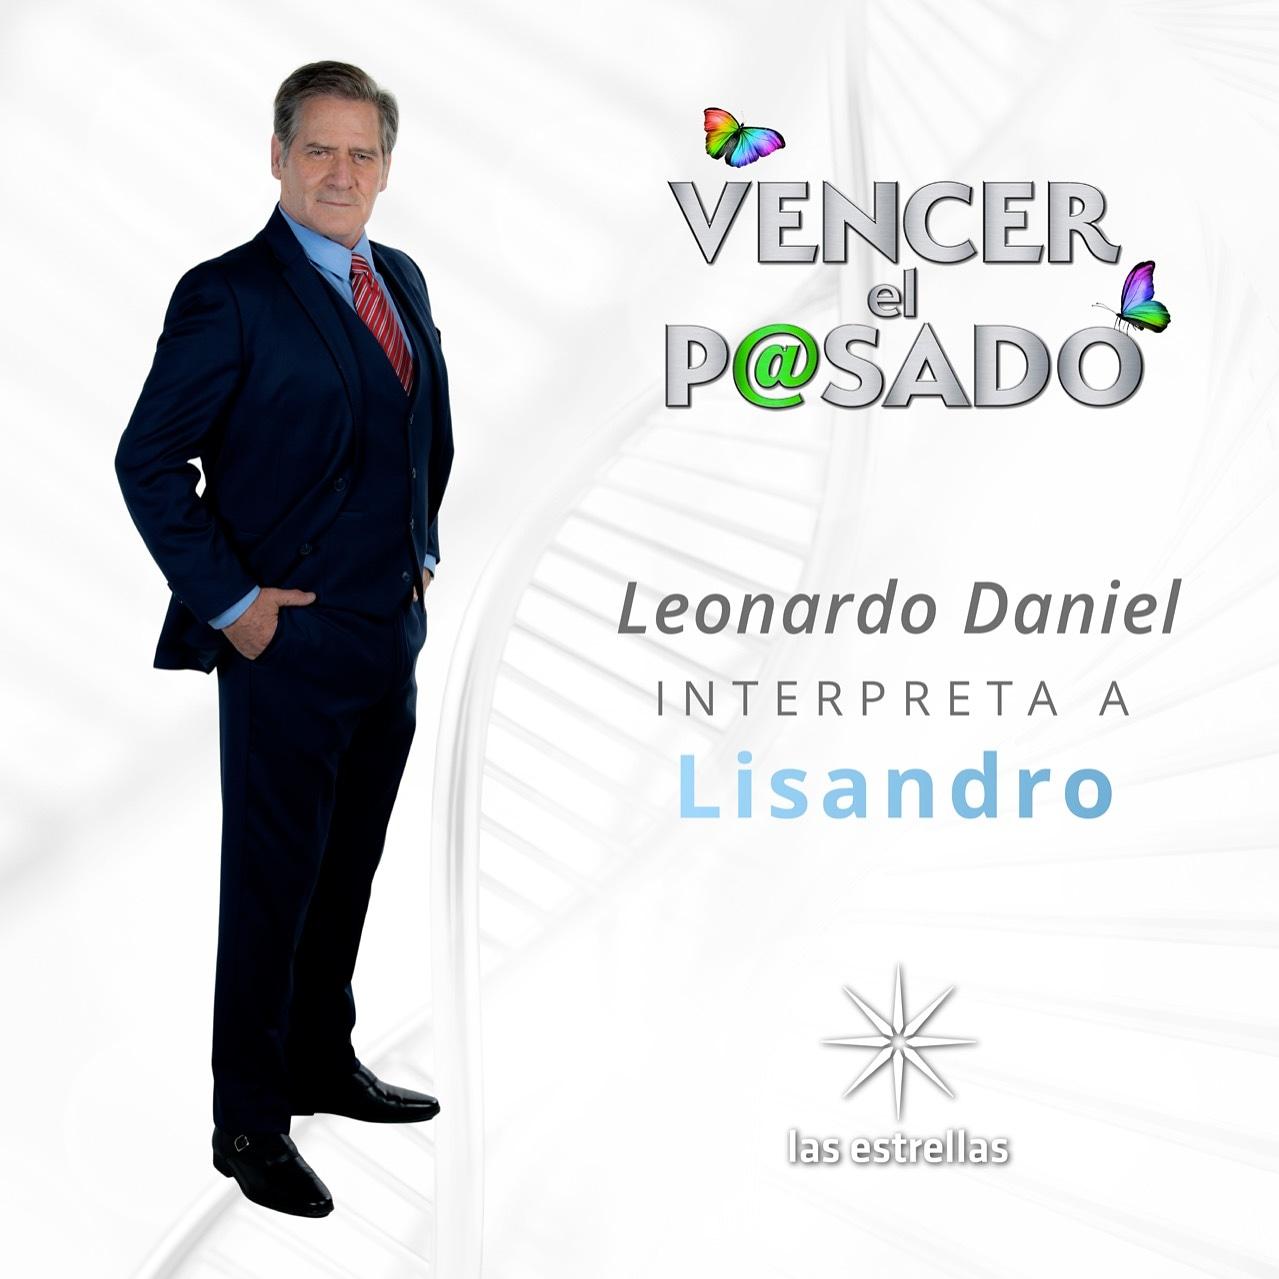 Leonardo Daniel